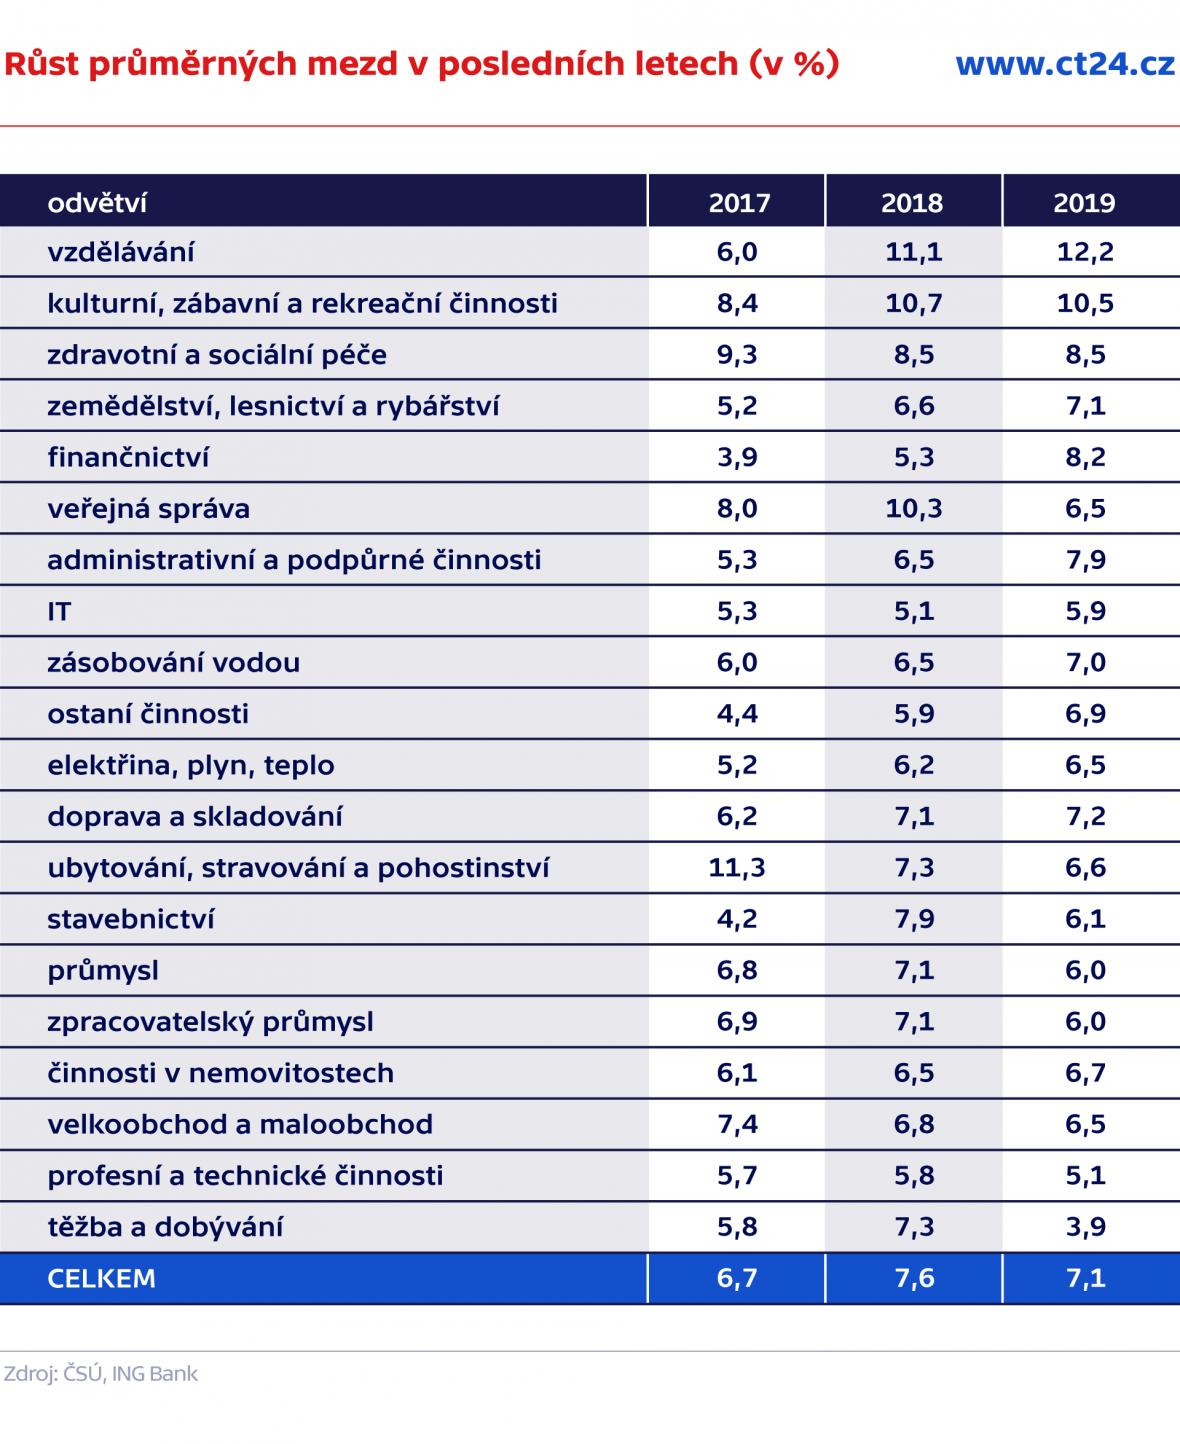 Růst průměrných mezd v posledních letech (v %)